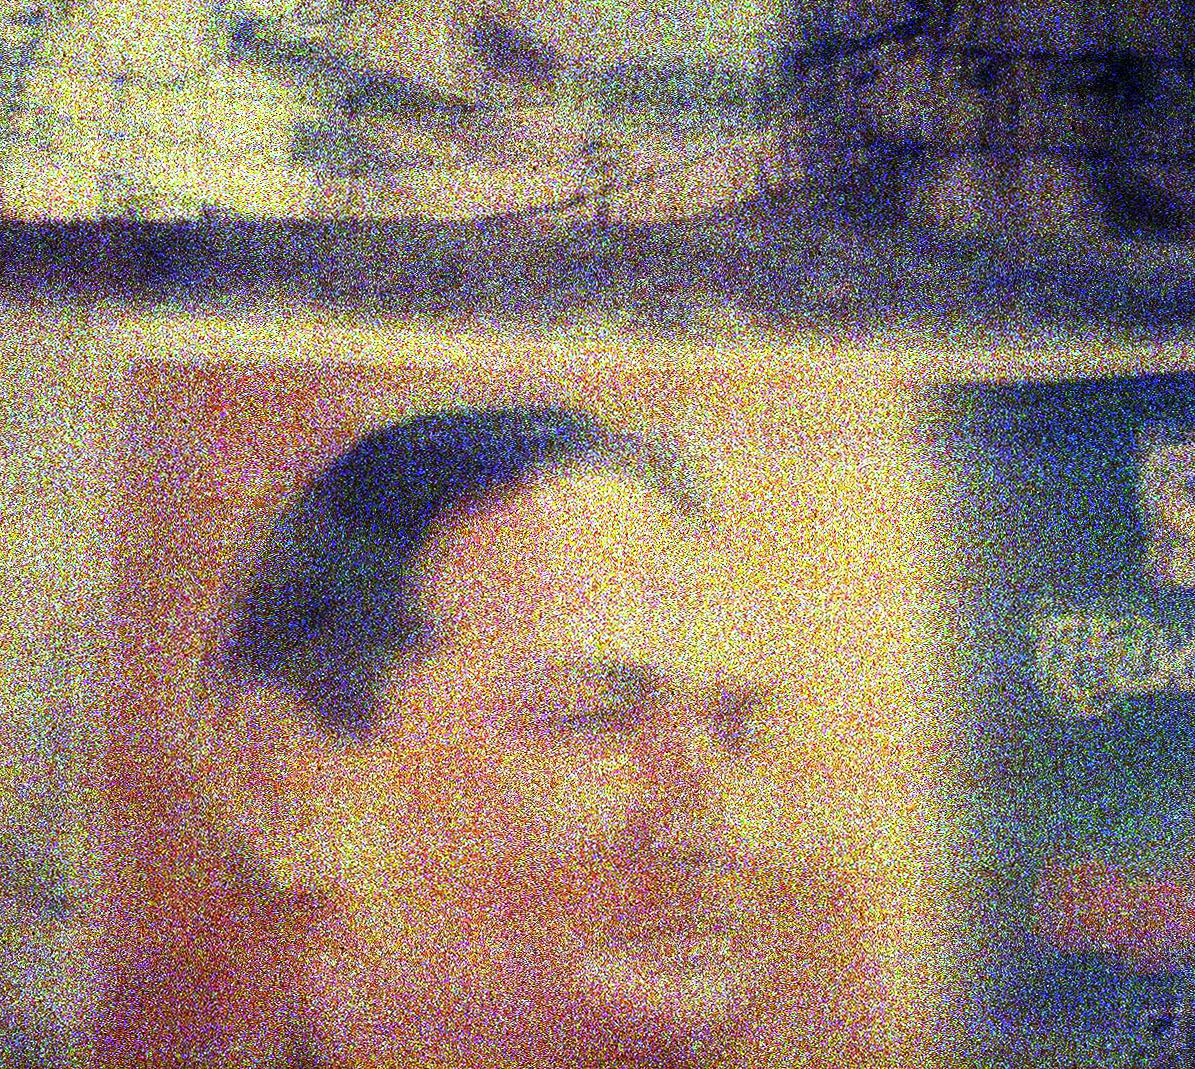 Lomo_Face.jpg